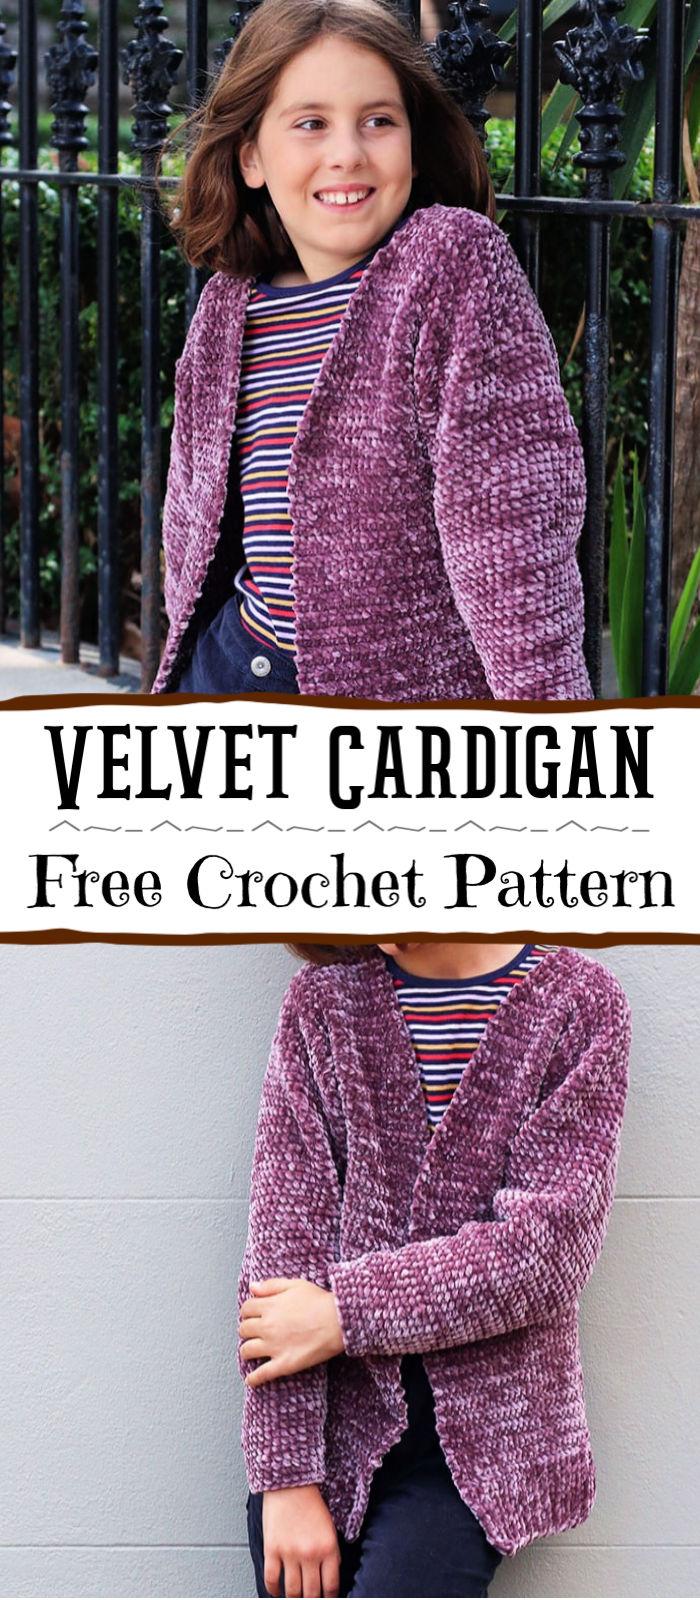 Free Crochet Girl's Velvet Cardigan Pattern